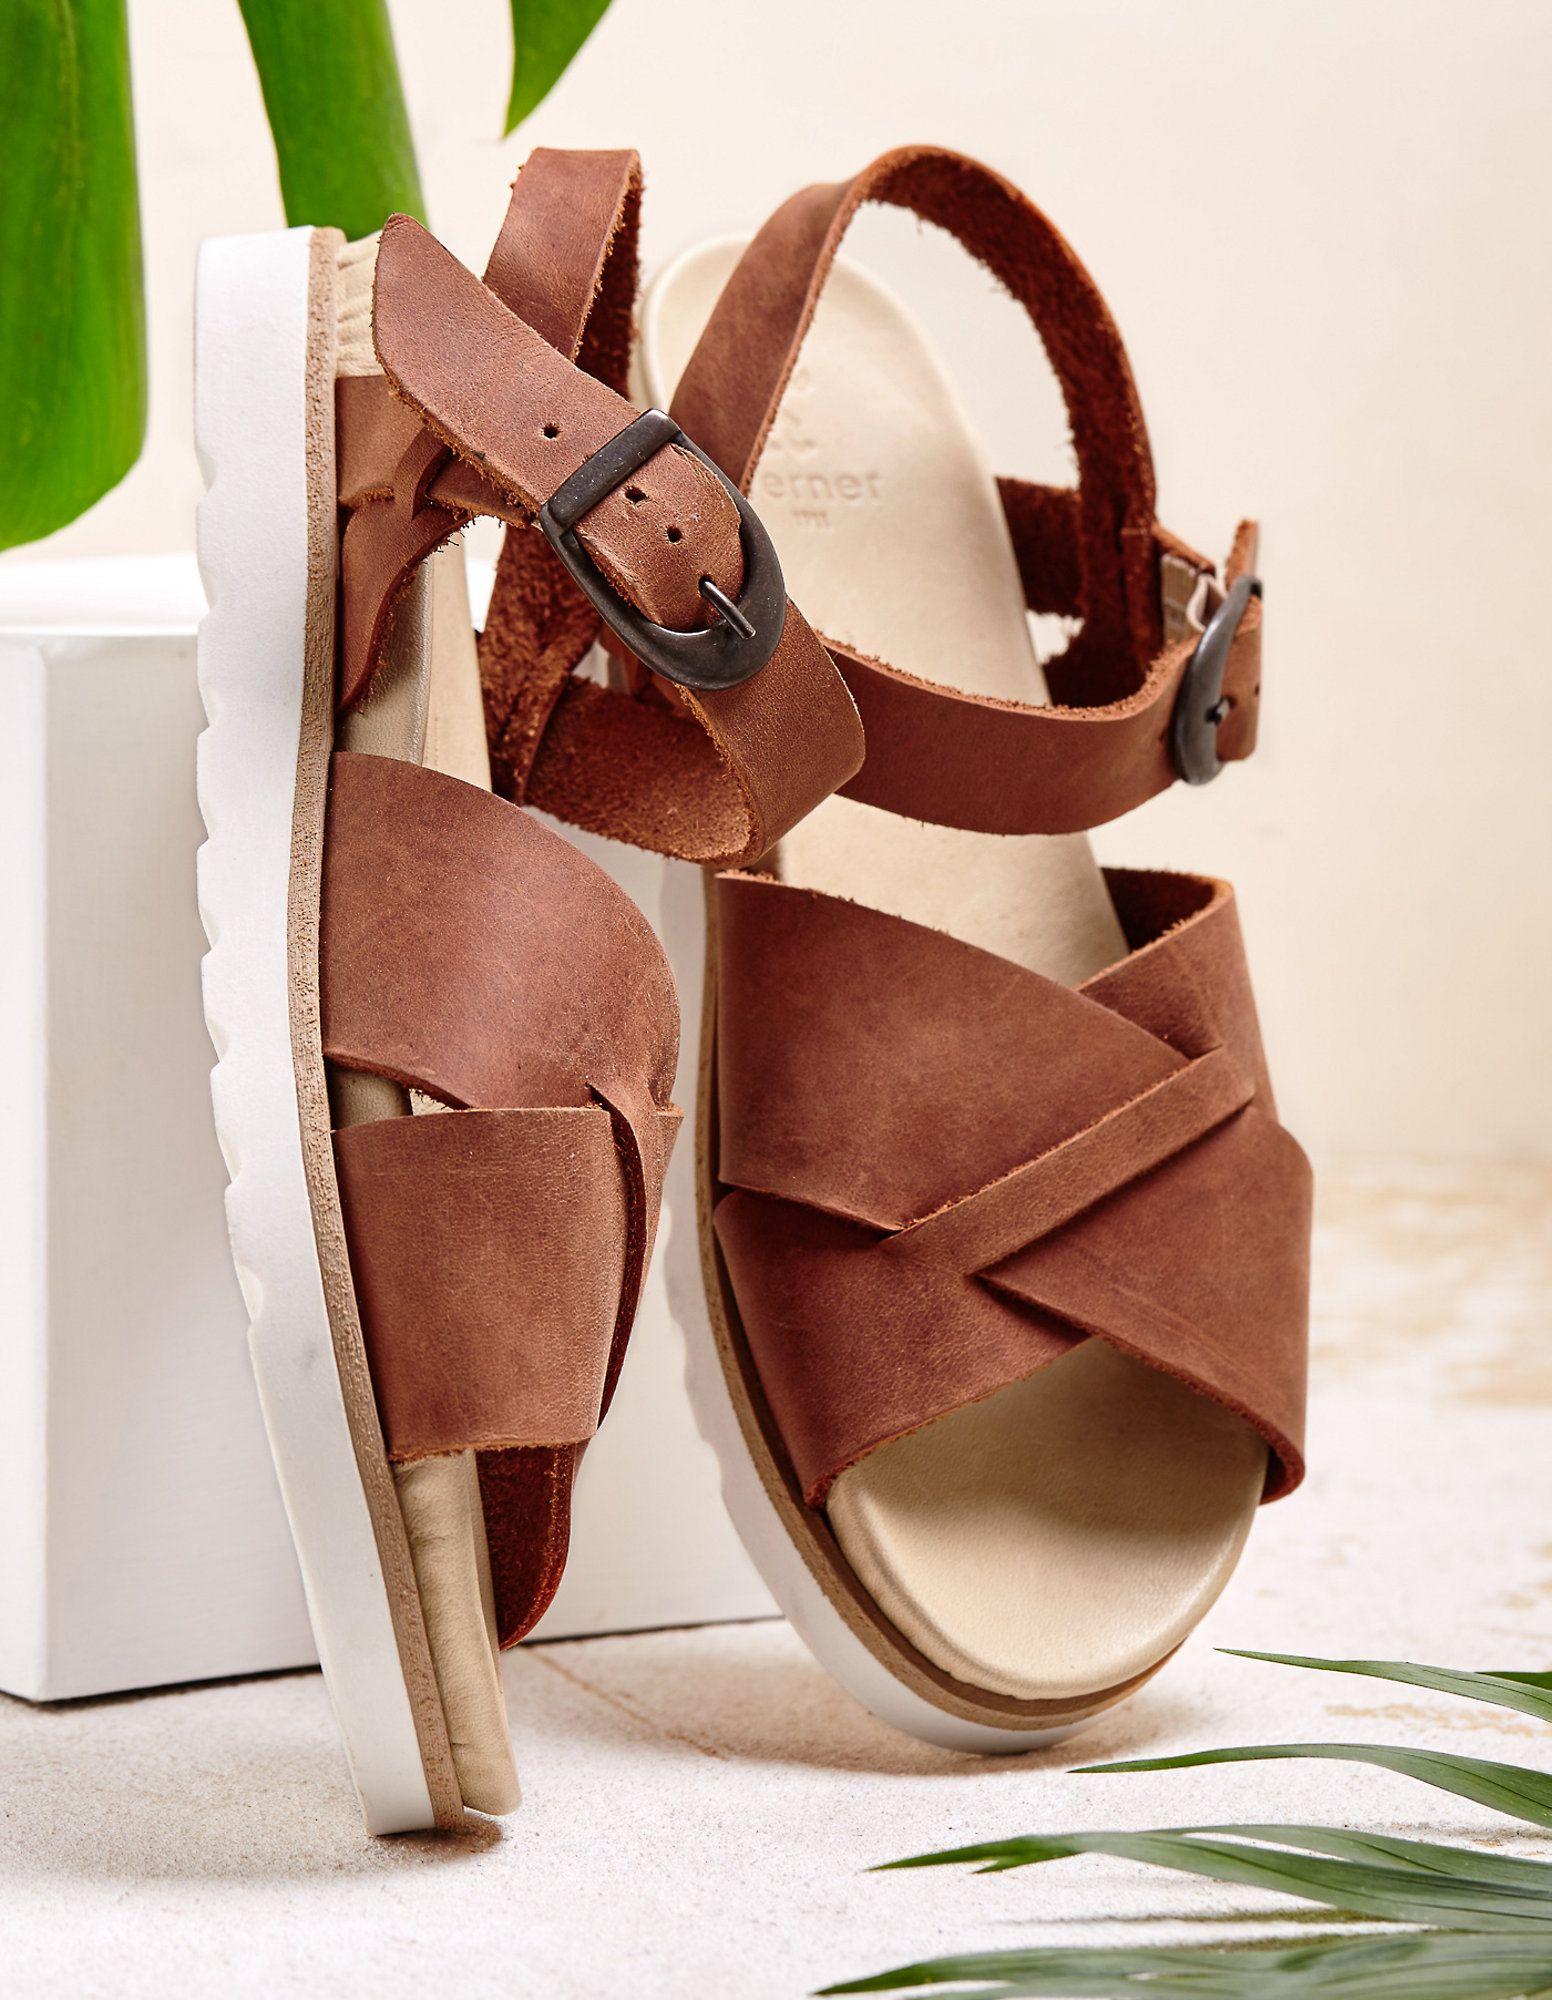 bb68c4f5e5 Suchst du ein paar Sandalen, die so ziemlich überall gehen? Dann werden dir  diese